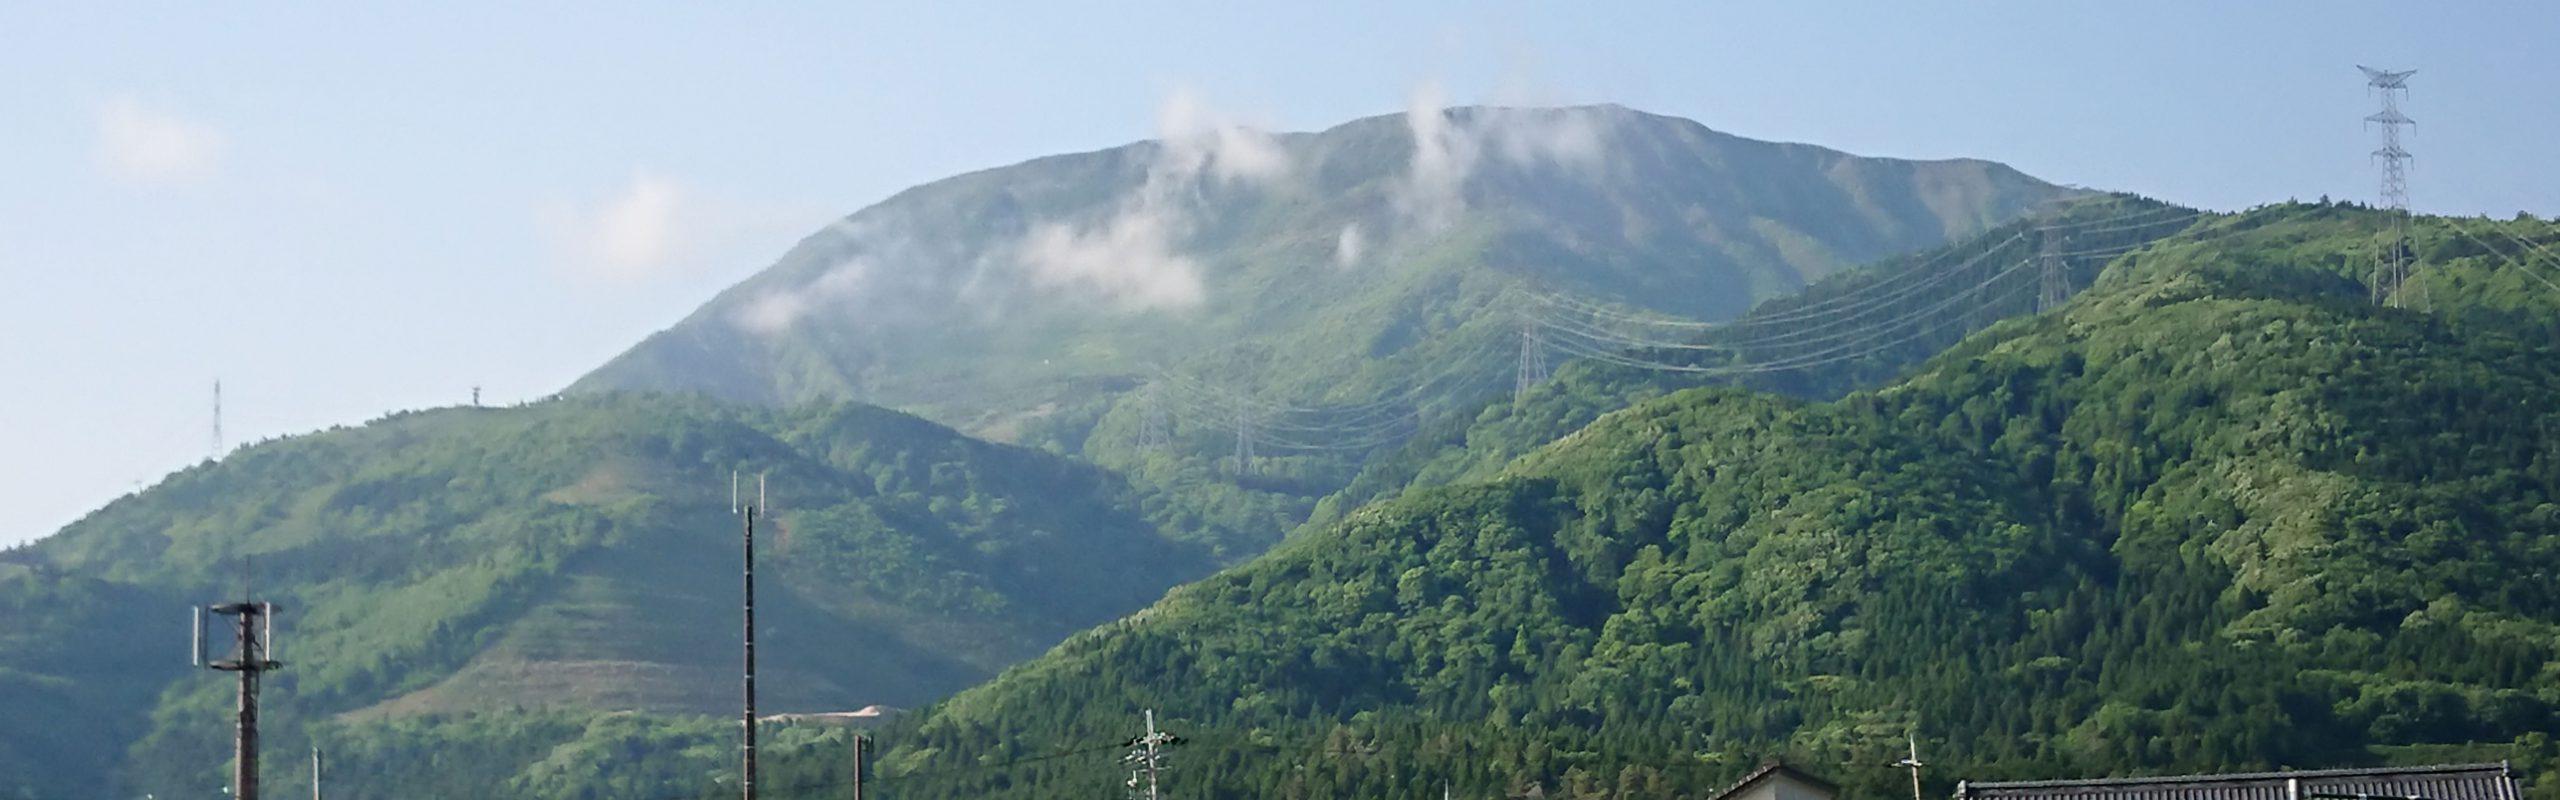 日本百名山伊吹山の麓のブルーベリー狩り園